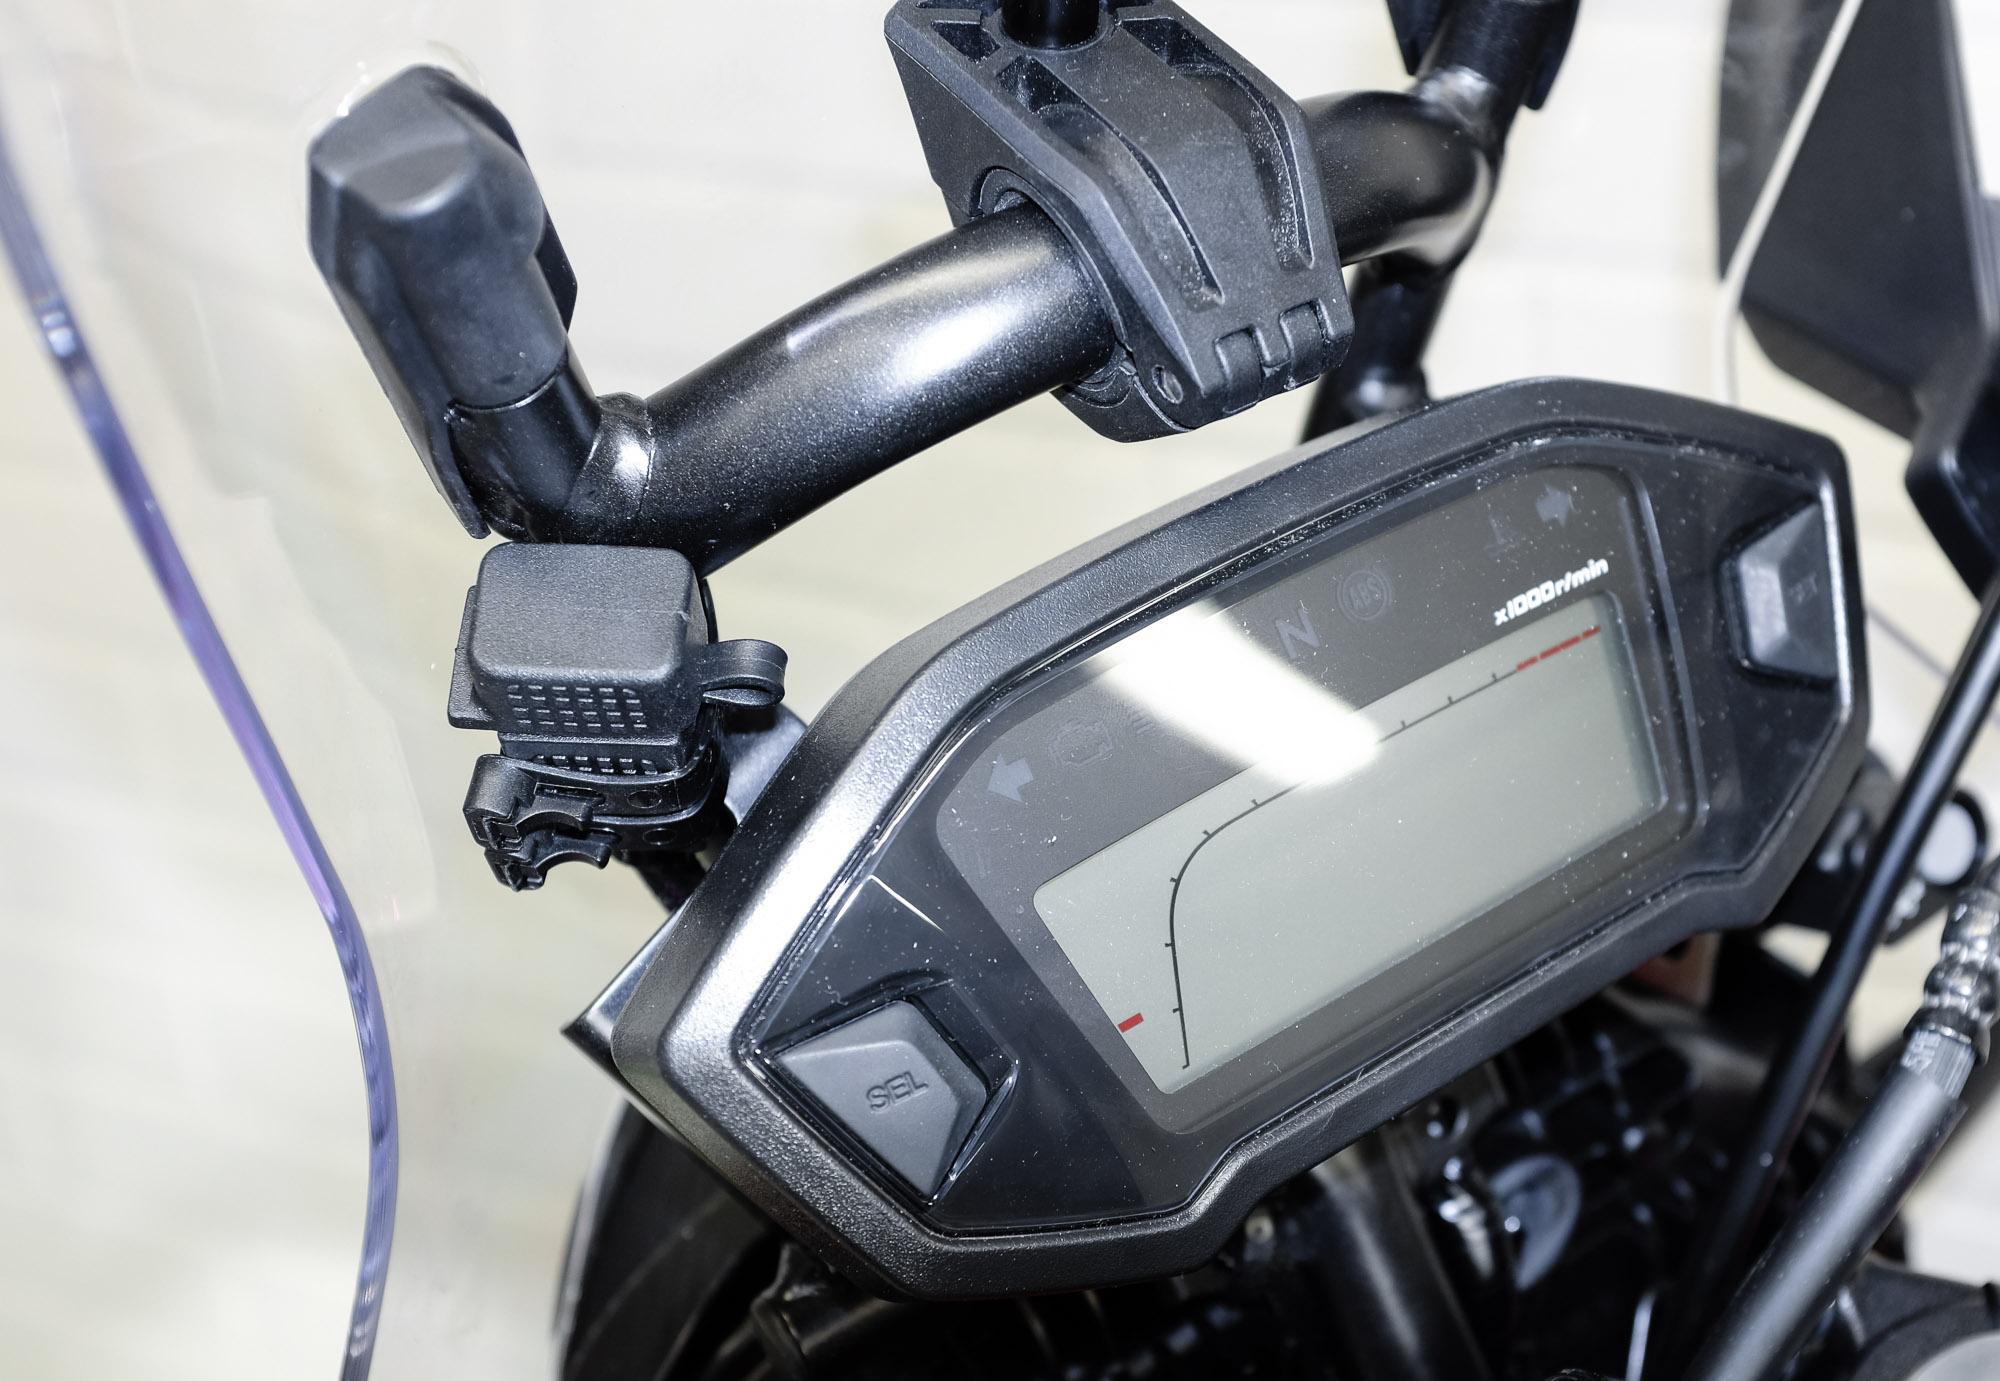 USB charging plug mounted on the GPS bar